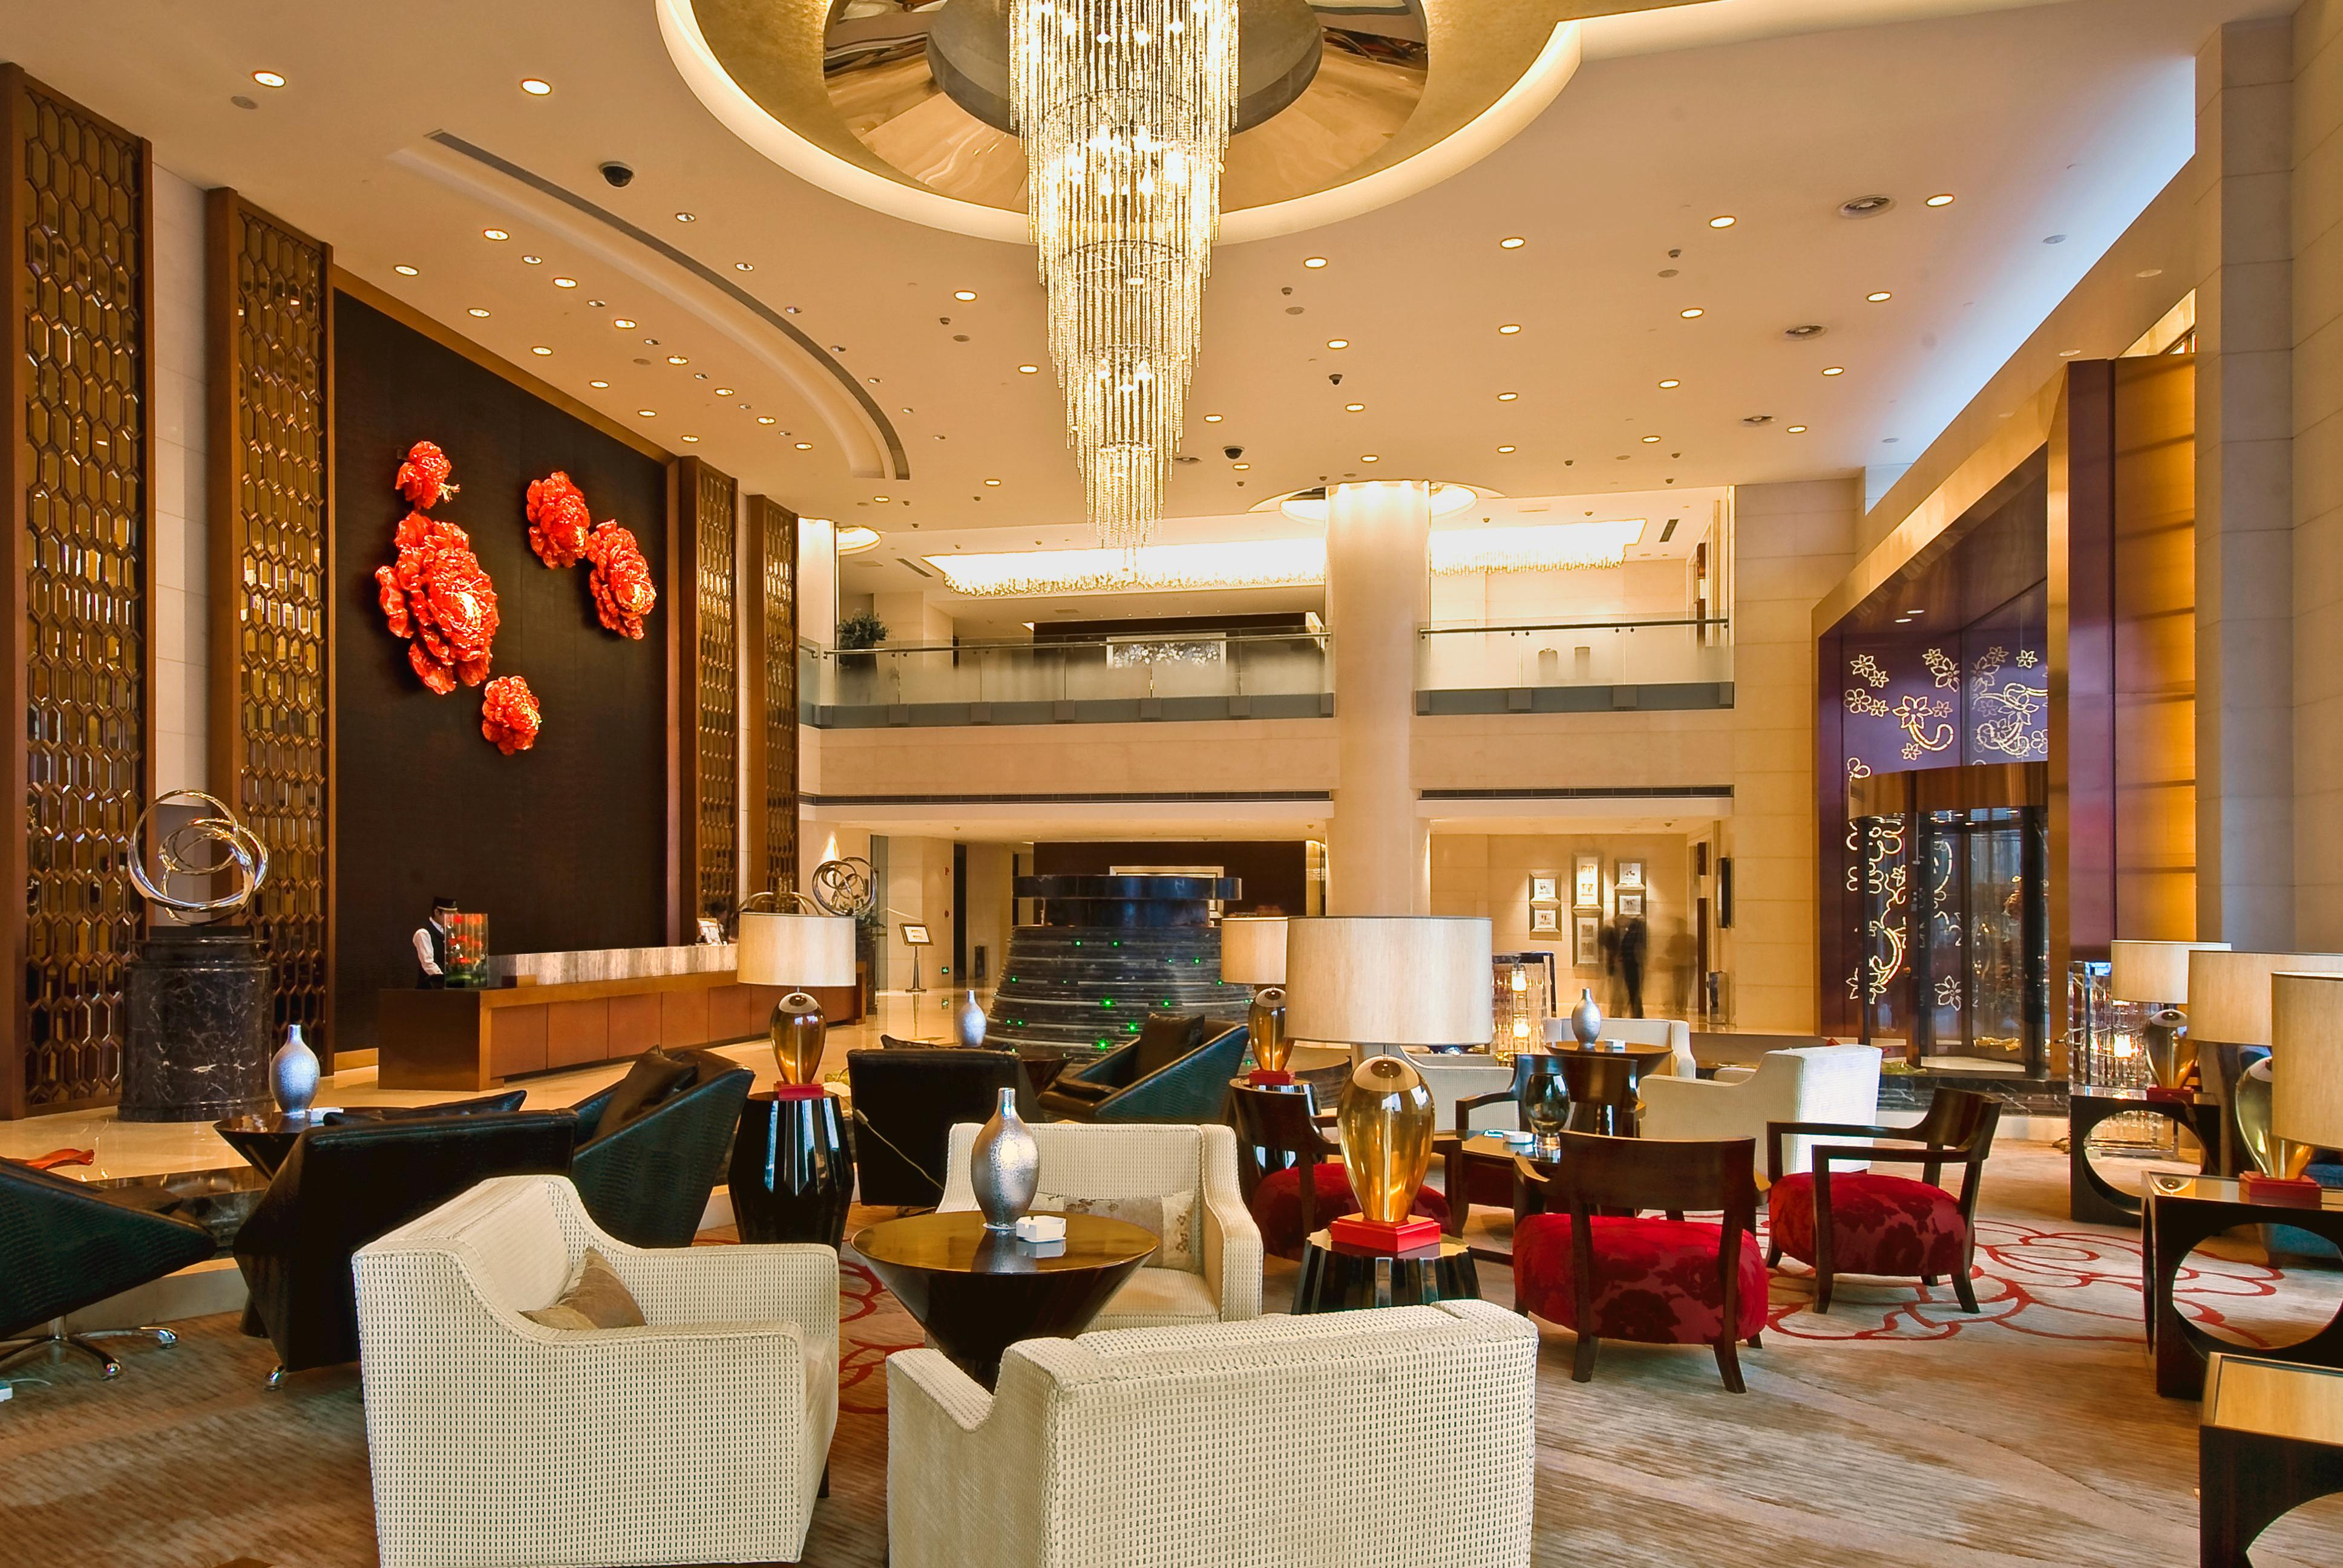 欧瑞锦江大酒店预订, 重庆欧瑞锦江大酒店地址,电话,价格查询 锦江旅行家